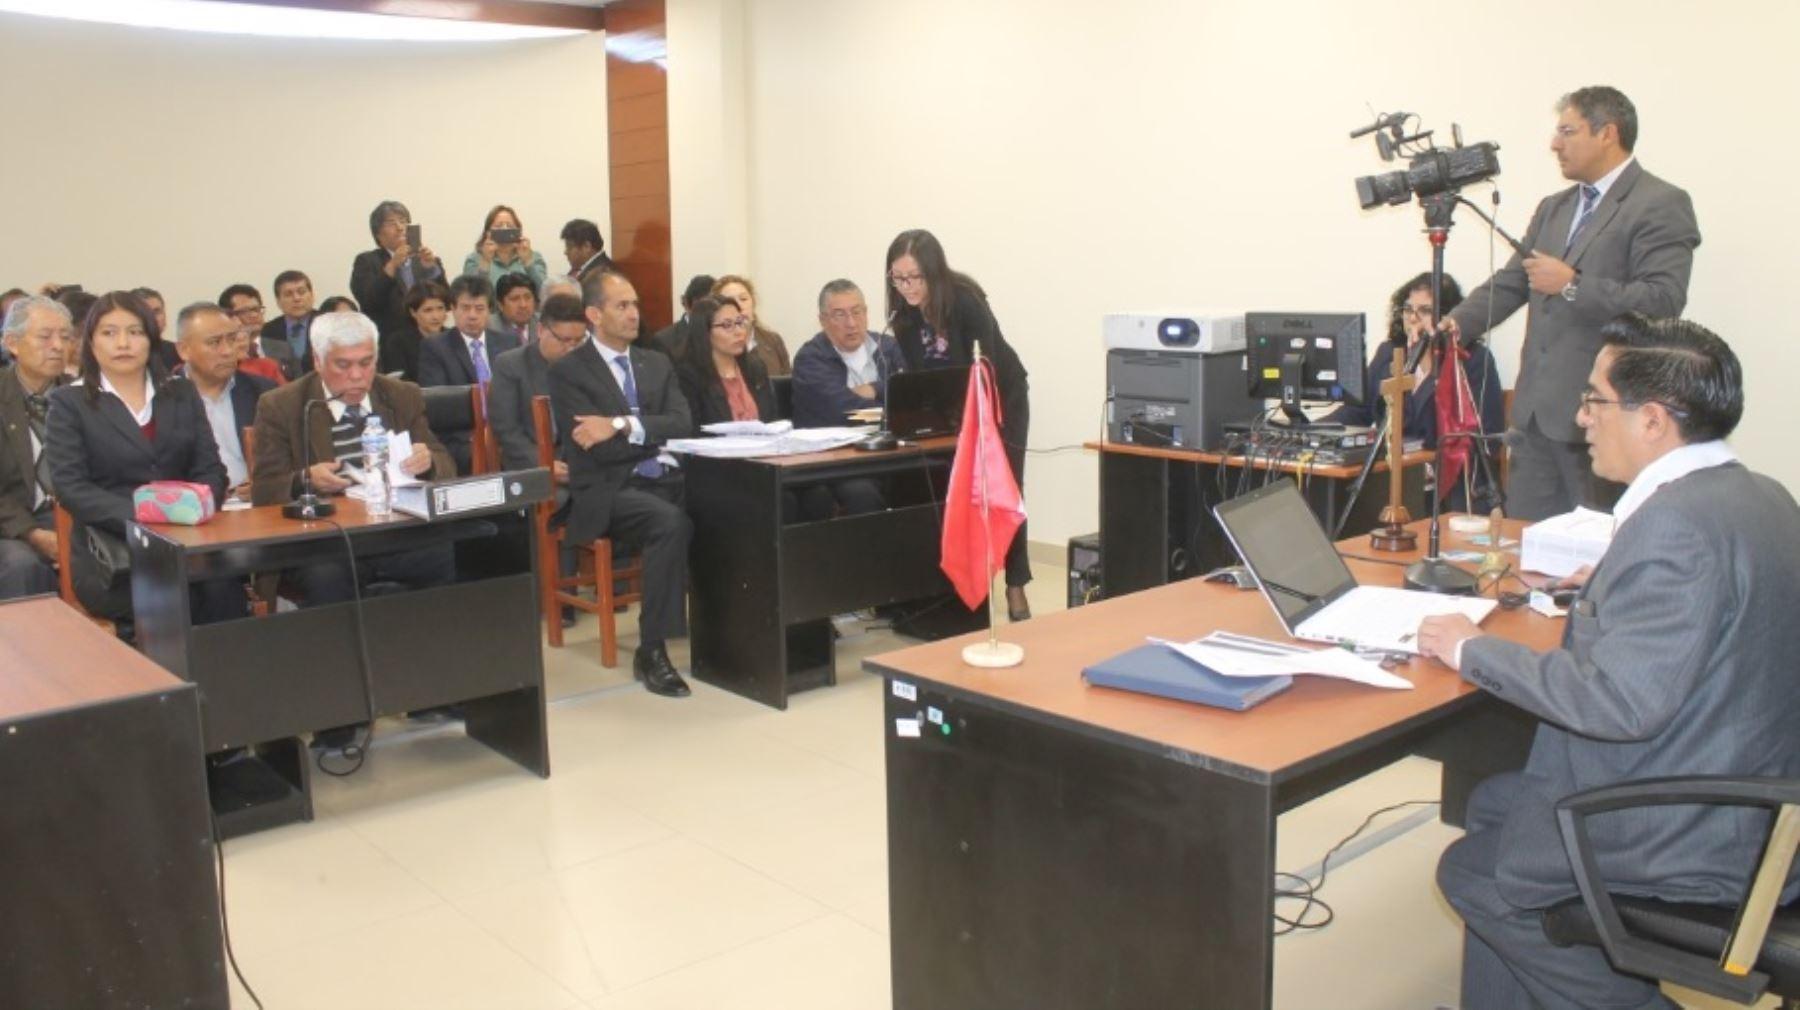 Los procesos civiles en el Distrito Judicial de Arequipa redujeron el significativamente el tiempo de reducción, luego de la implantación del sistema de la oralidad desde fines de diciembre del año pasado, el cual asegura mayor transparencia y celeridad.